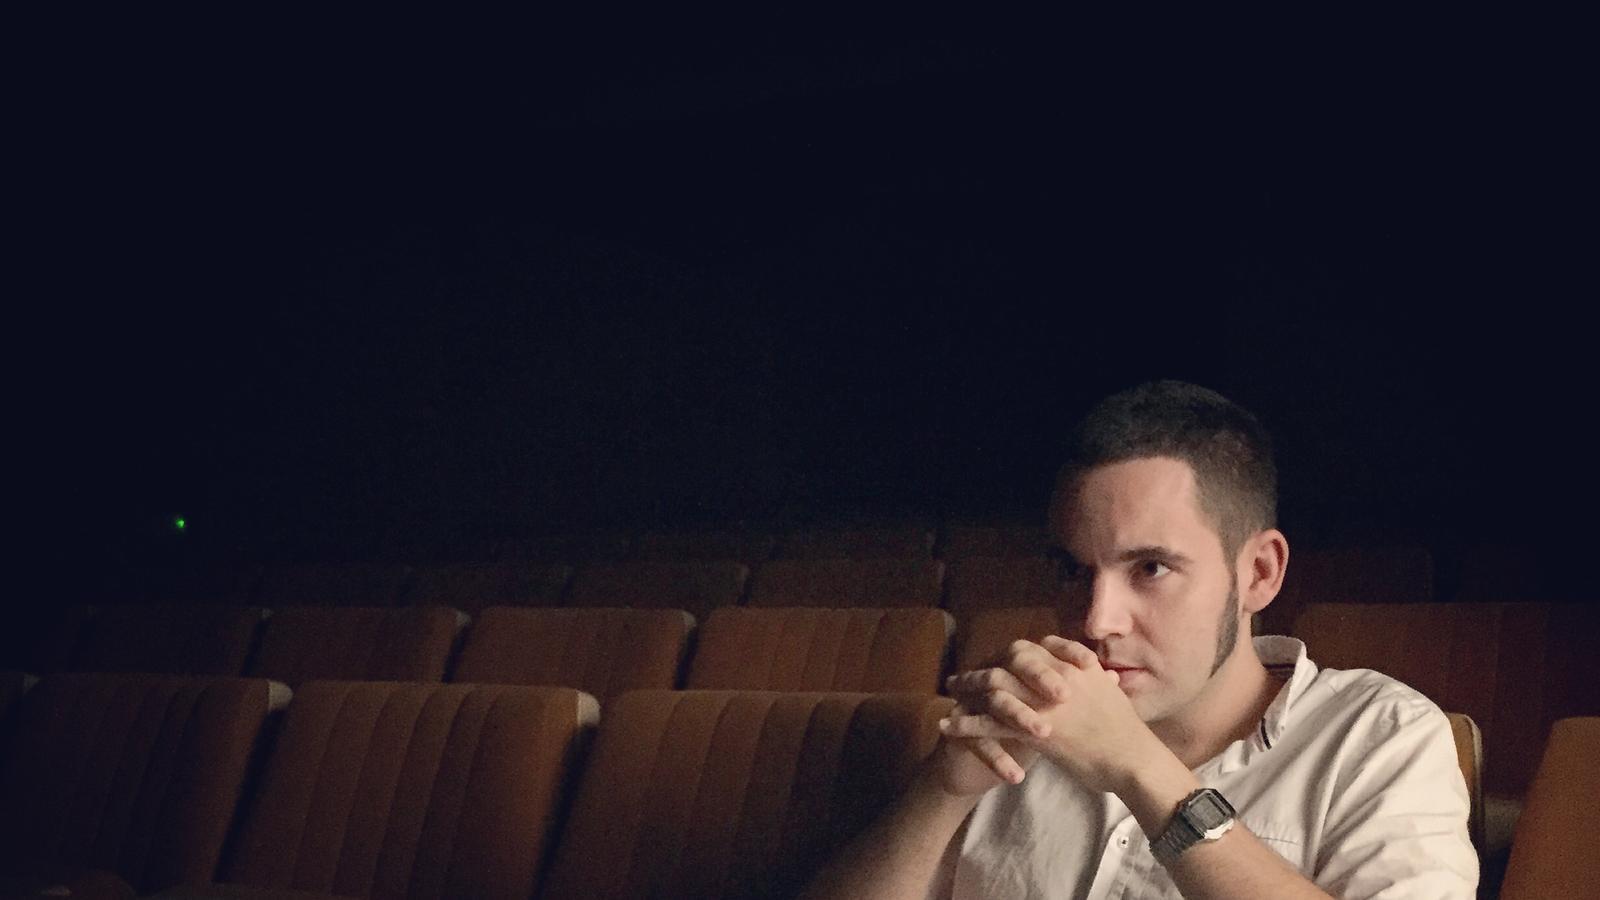 """Jaume Carrió: """"Els cineastes de les Illes no confien en la seva llengua per contar històries"""""""